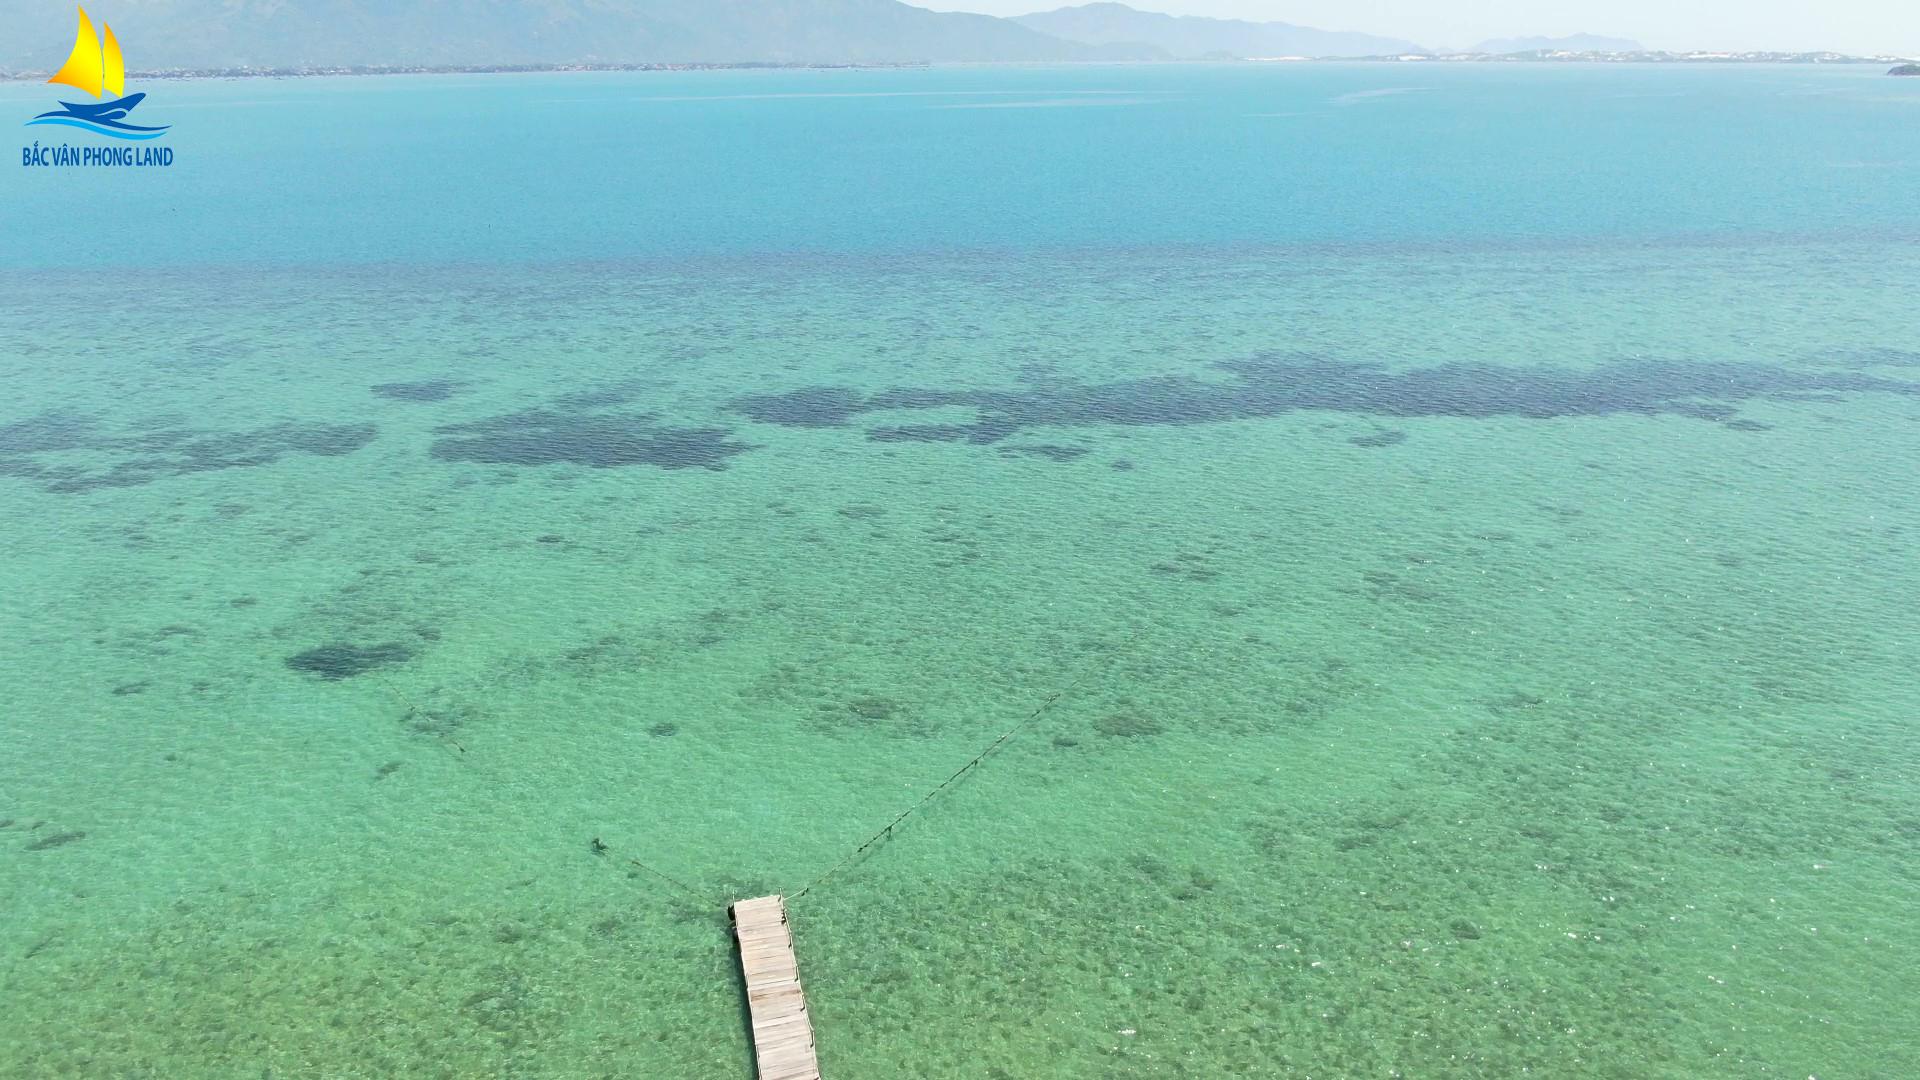 Mặt nước biển trong xanh bởi Rạn San Hô ở Đảo Điệp Sơn